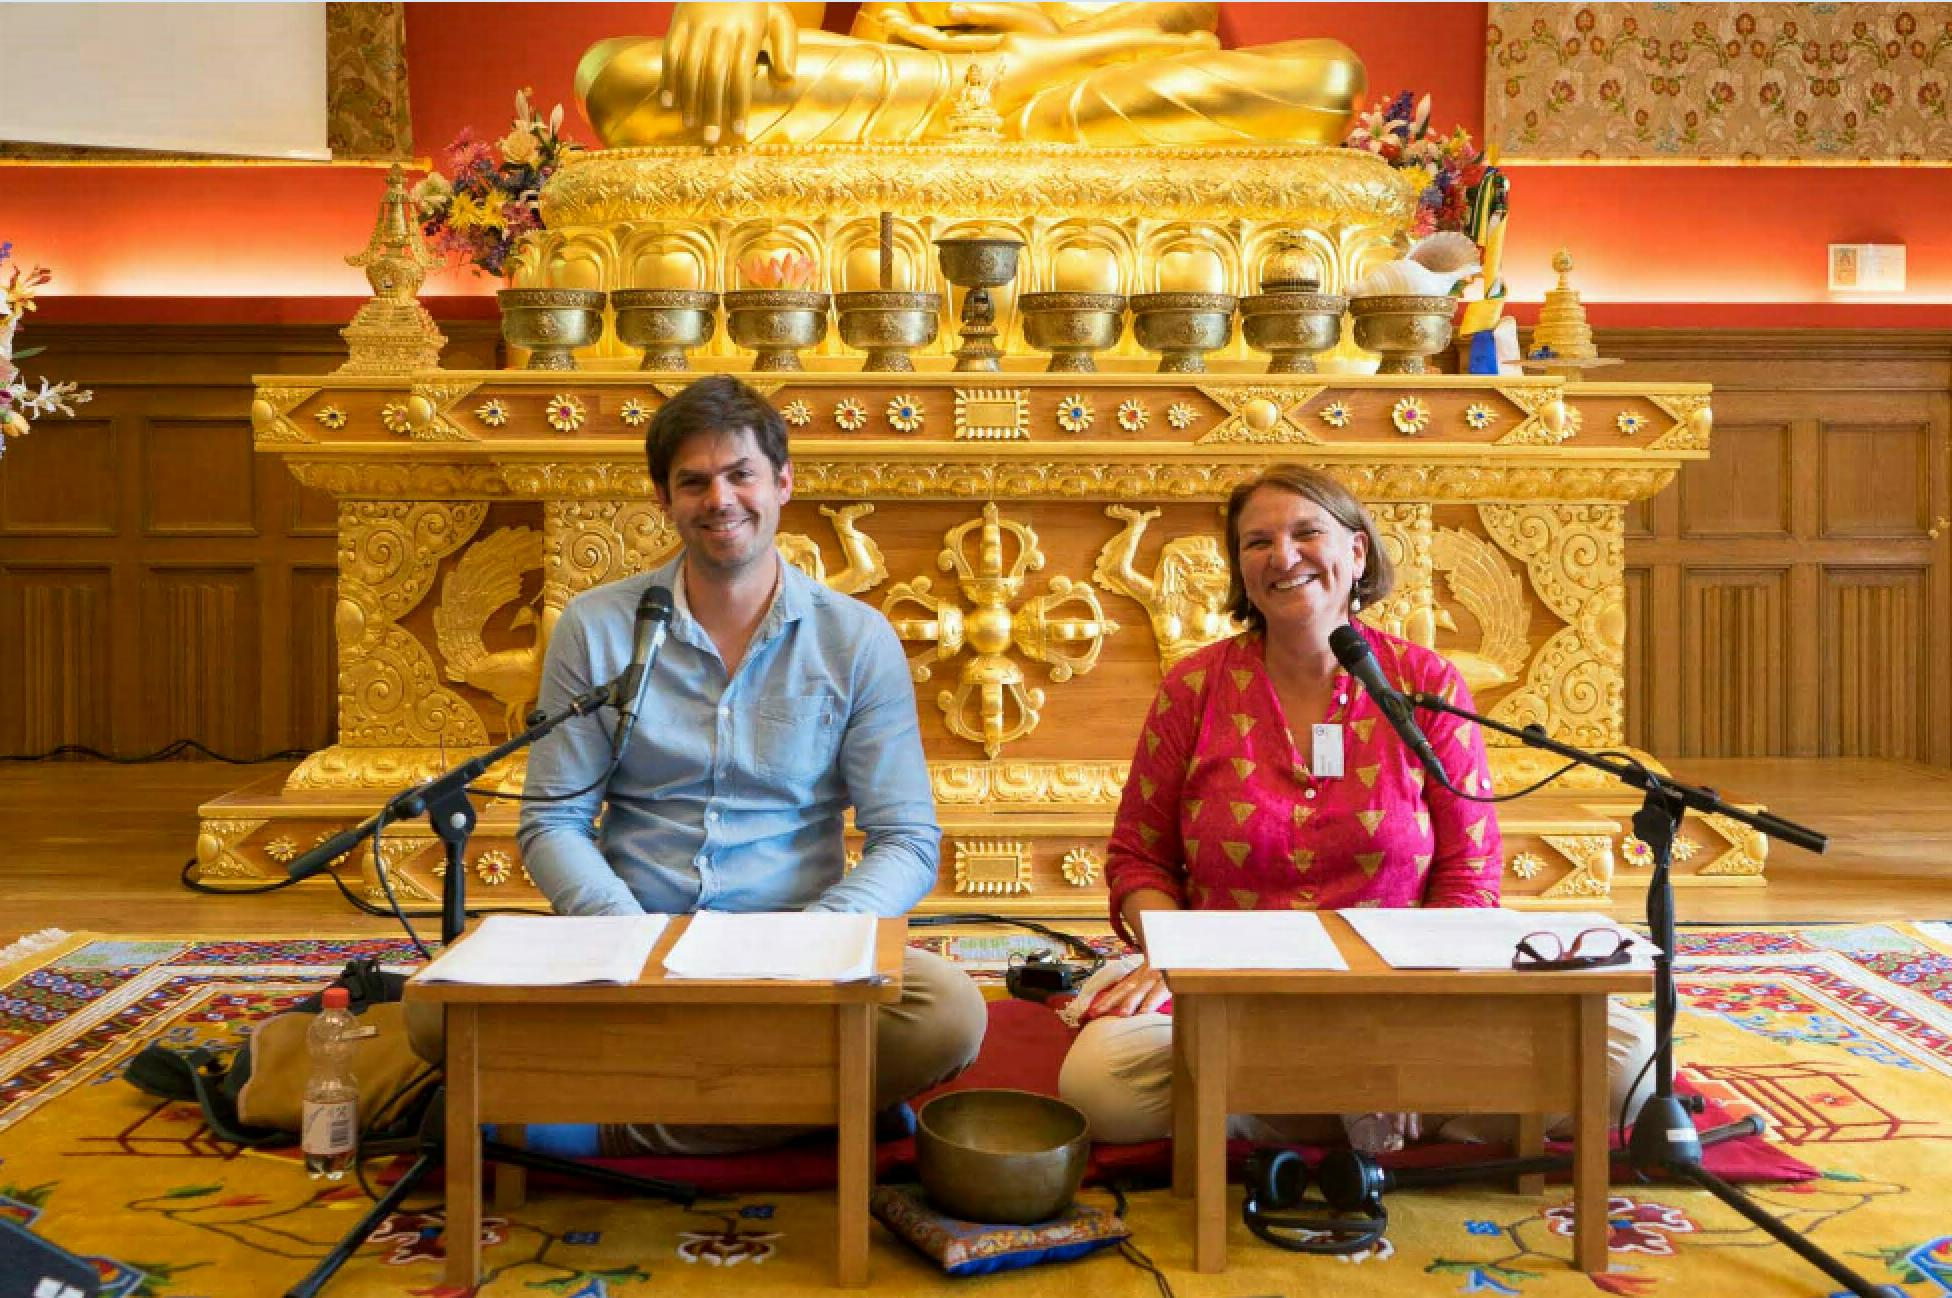 Ian und Jaborah, Sieben Punkte des Geistestraining, Dharma Mati Berlin (Mai 2018)